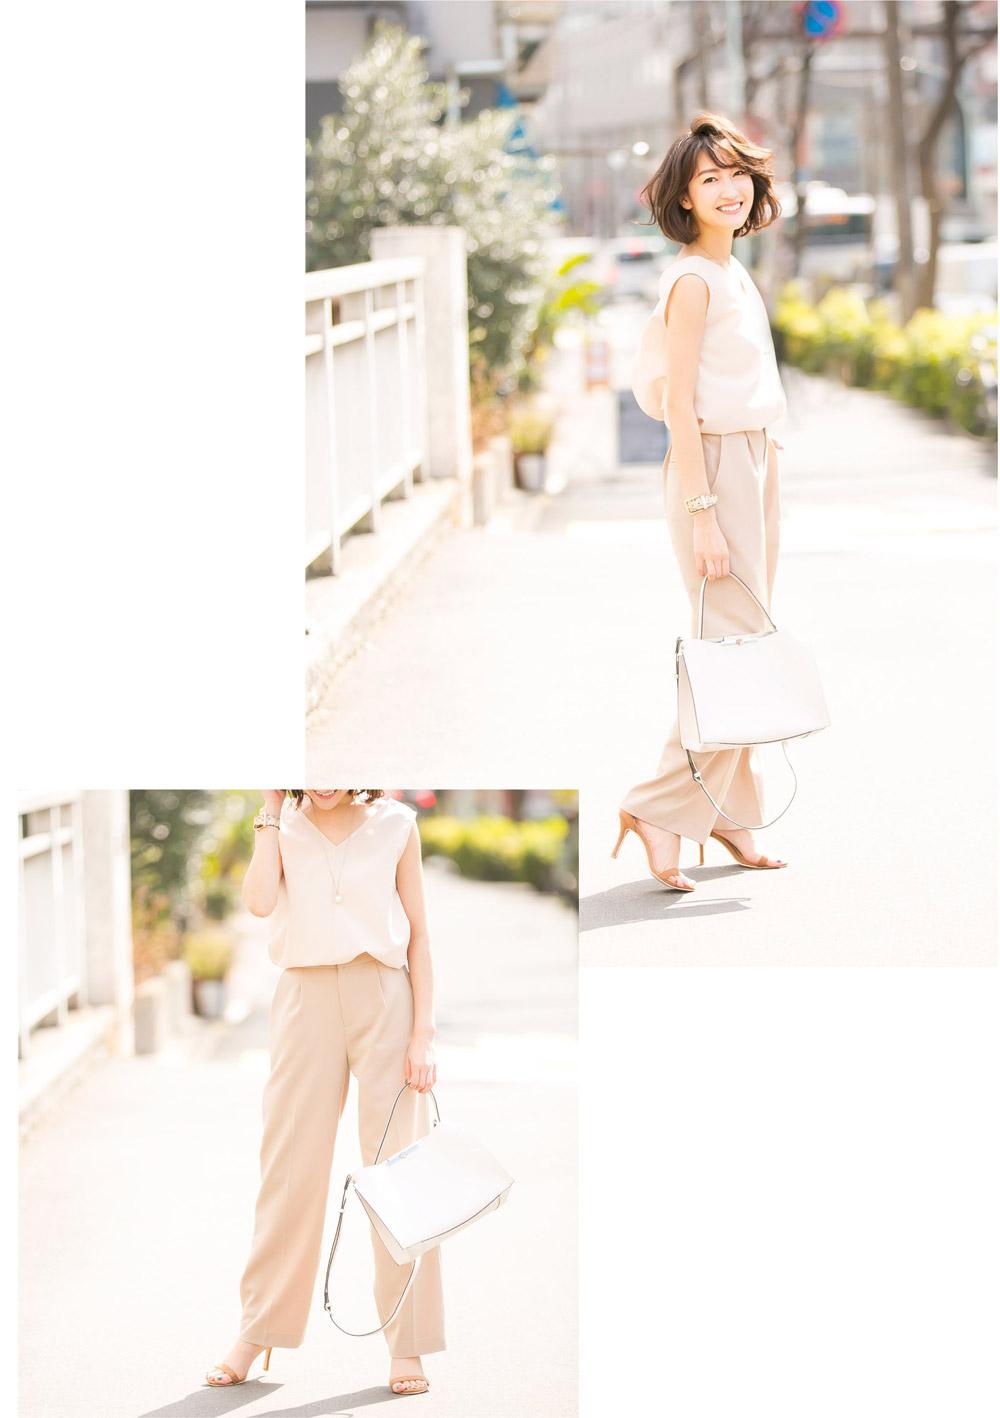 金子麻貴さんがプルオーバーとテーパードパンツでスタイリングしたコーデでポージング